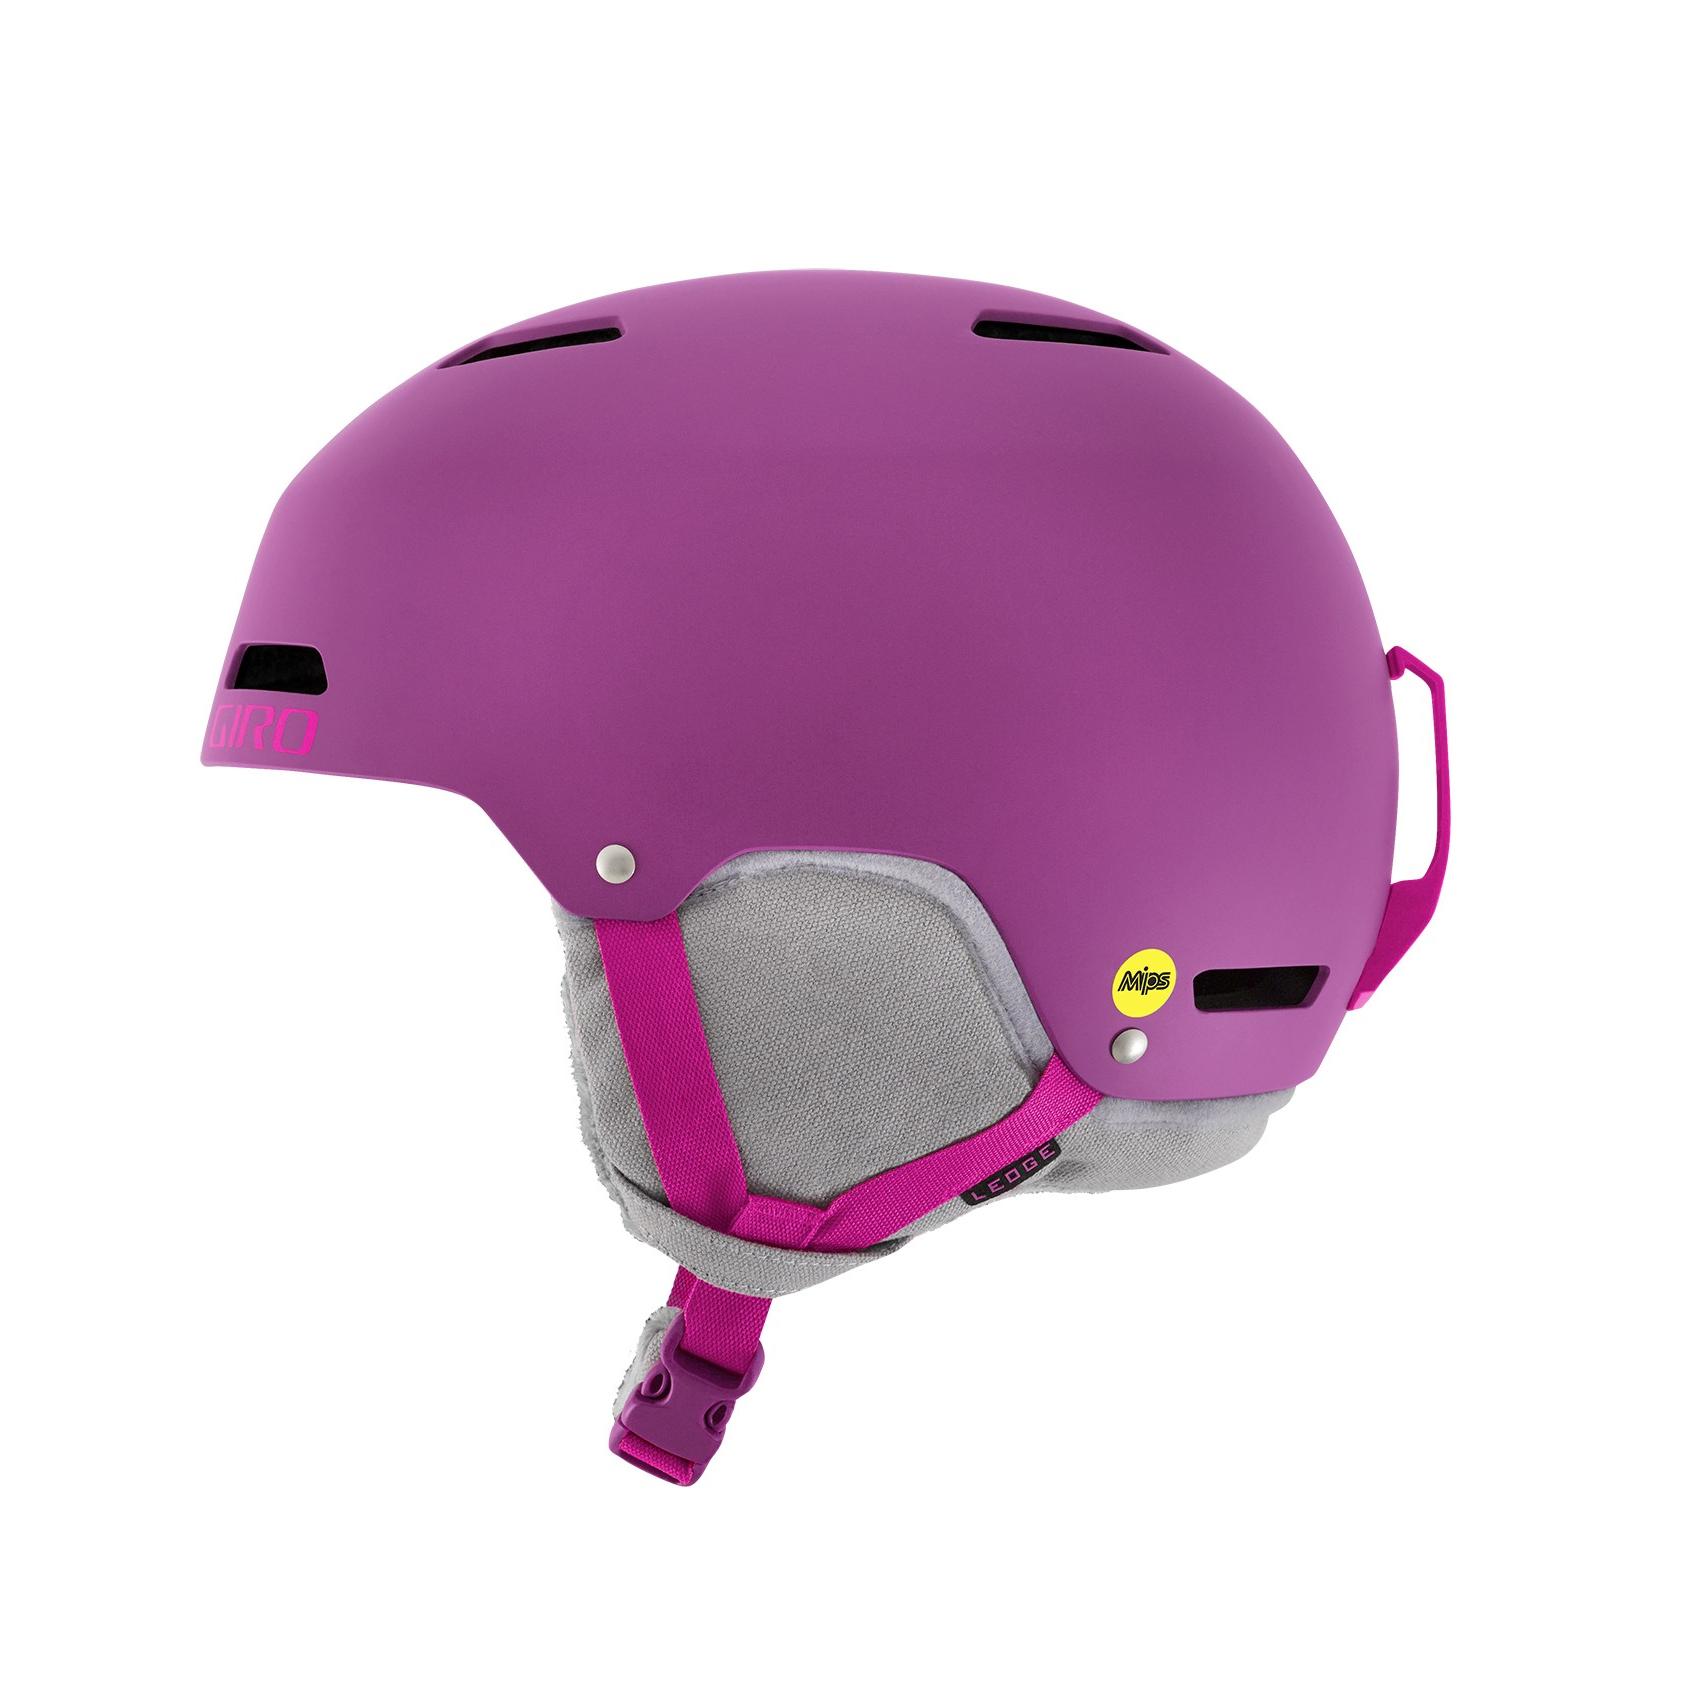 LEDGE MIPS par Giro (Casque de ski femme, Casques de Ski)LEDGE MIPS par Giro (Casque de ski femme, Casques de Ski)